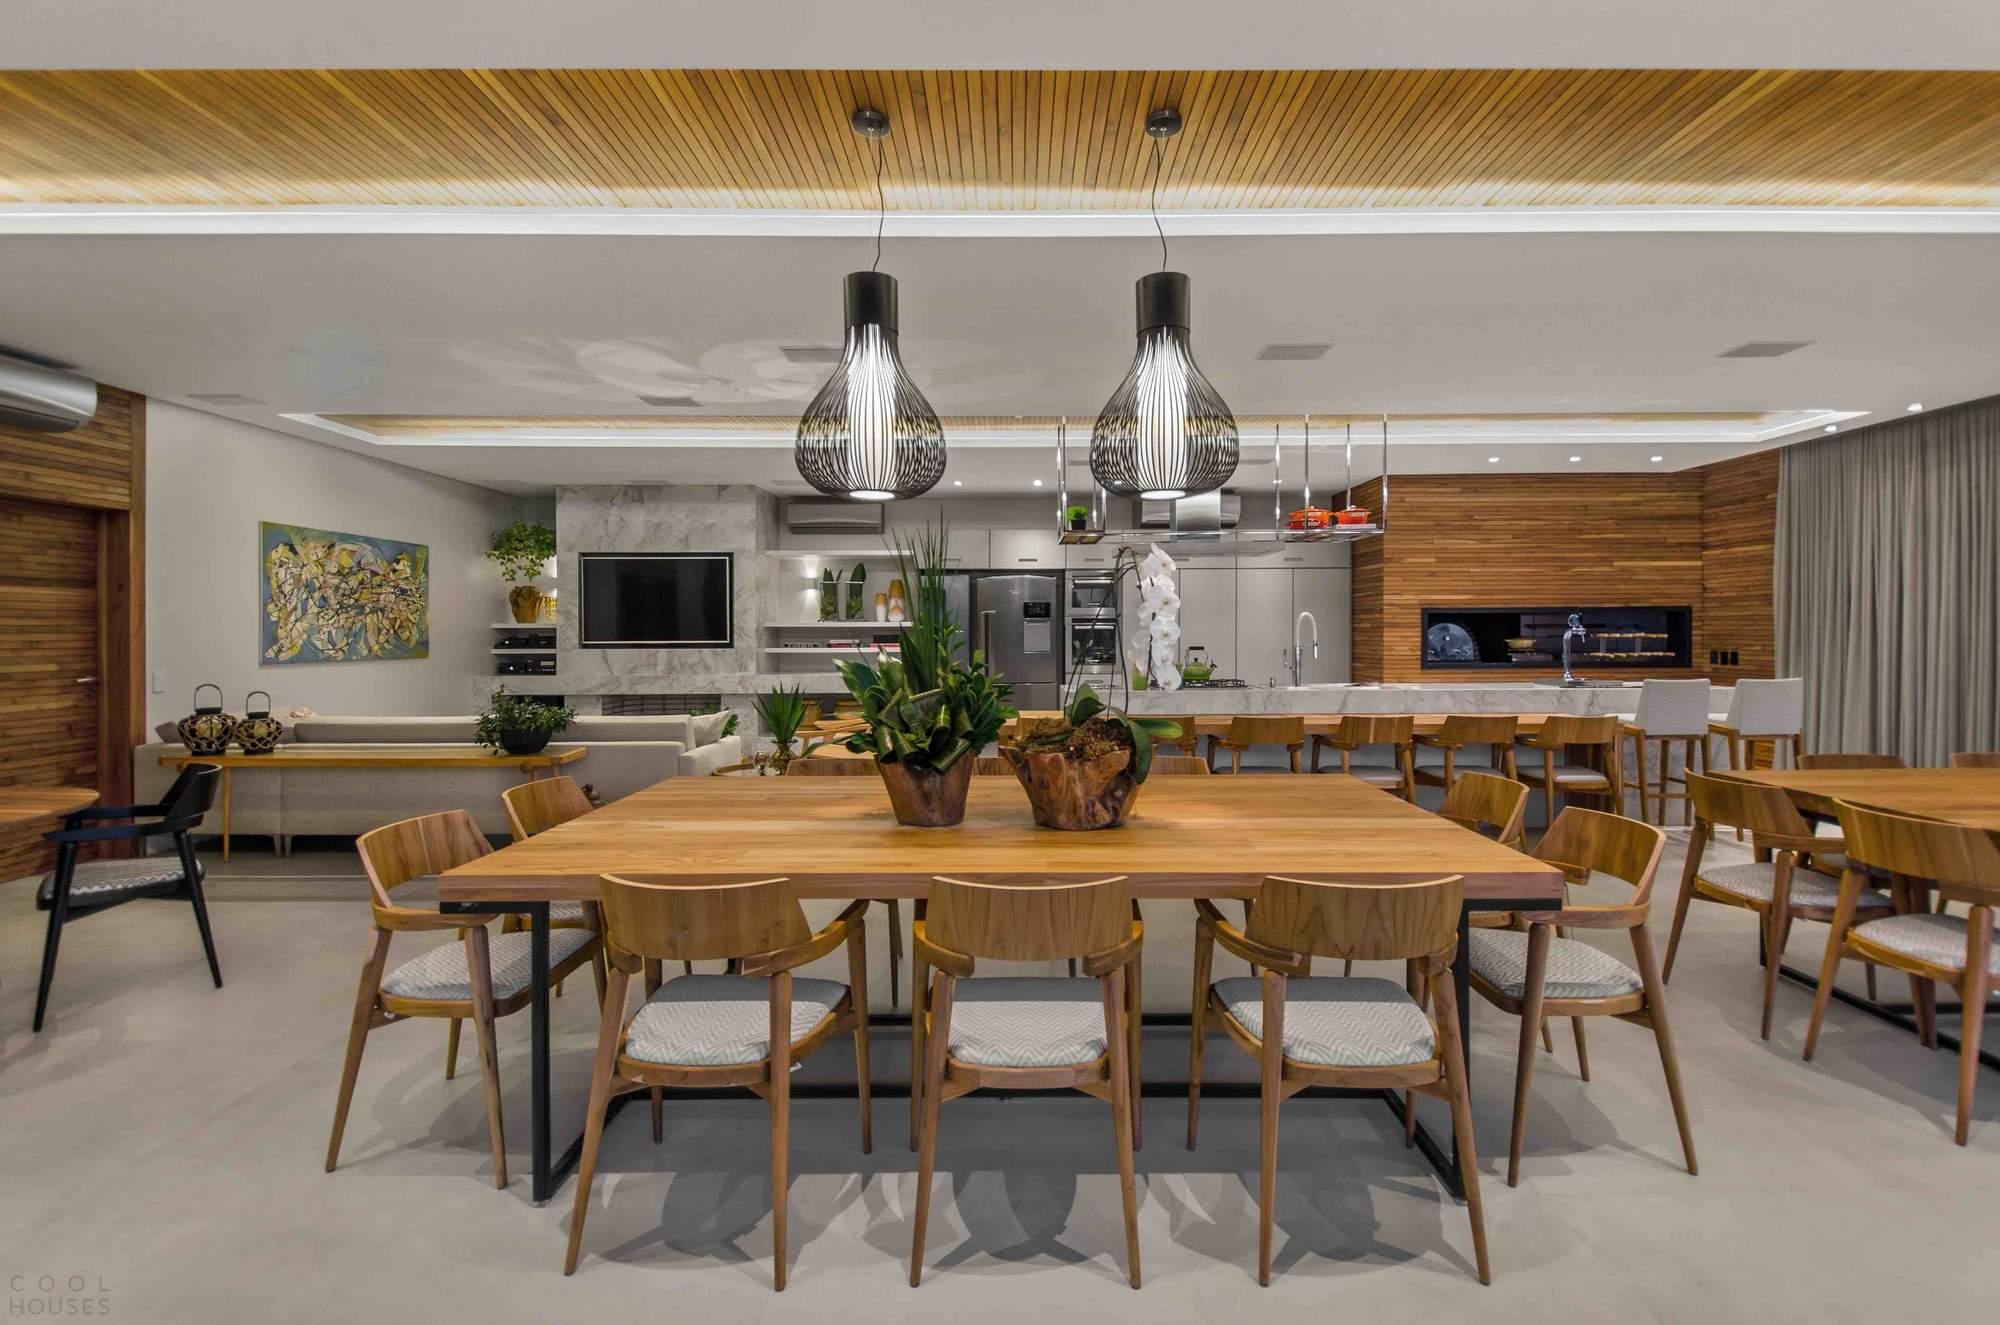 Односемейная резиденция с роскошным социальным пространством, Бразилия